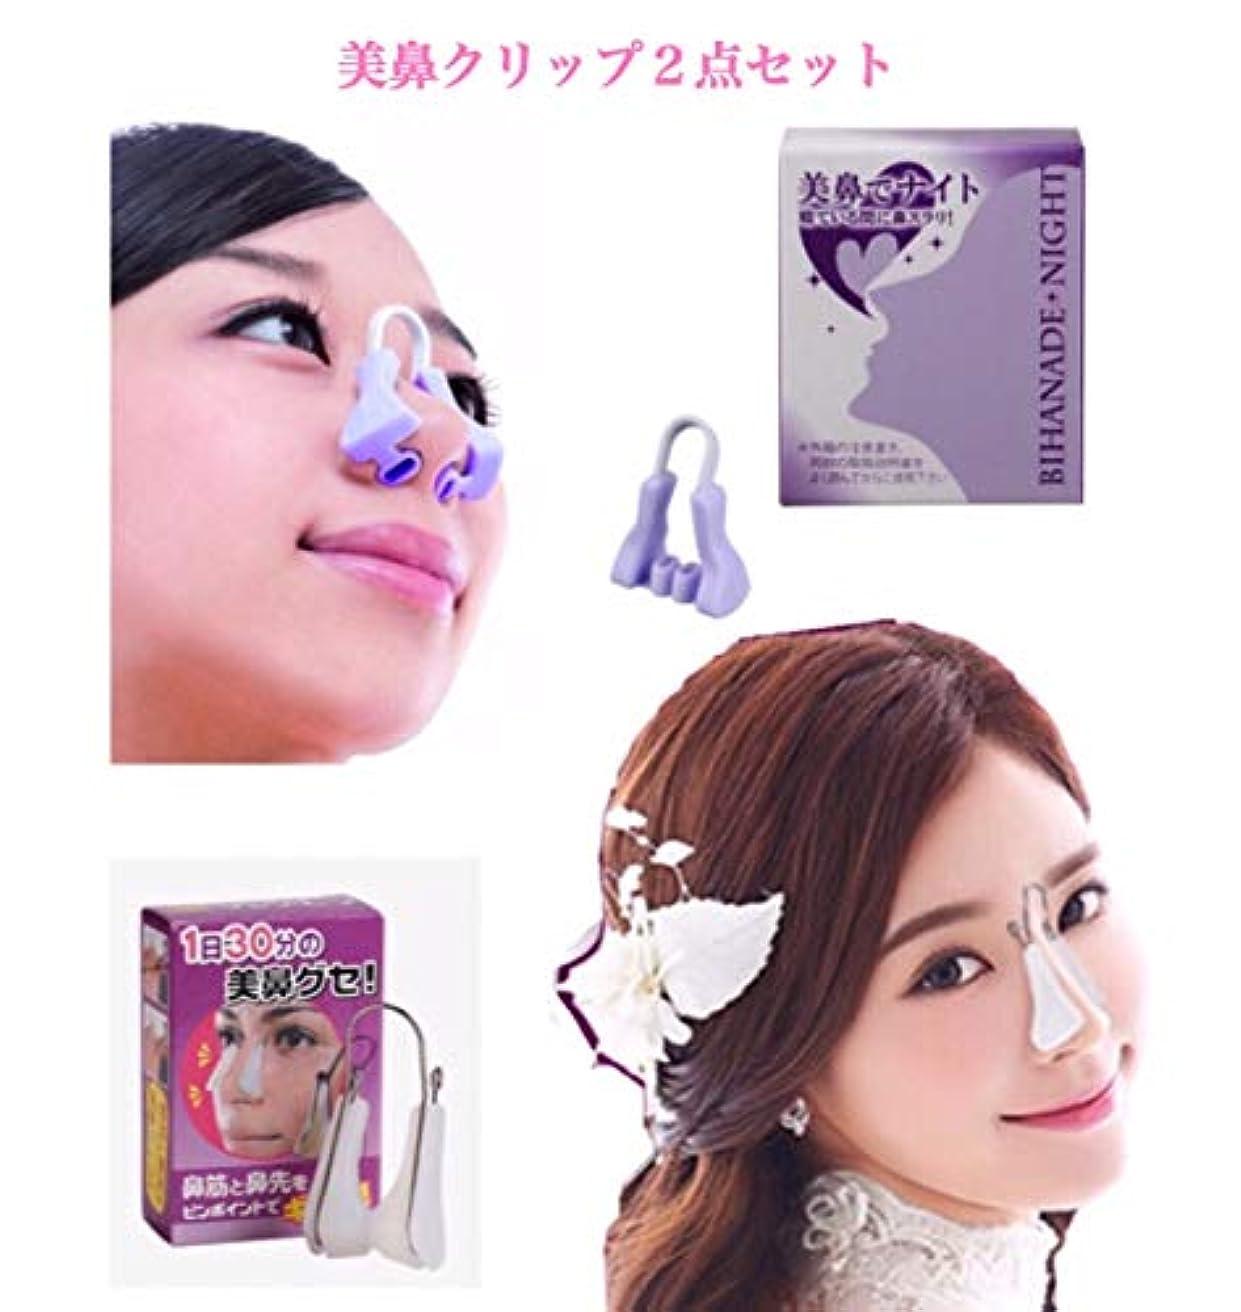 パイプ単語ポスターTrust Contact 美鼻クリップ 2点セット 美鼻 鼻筋 矯正 鼻プチ